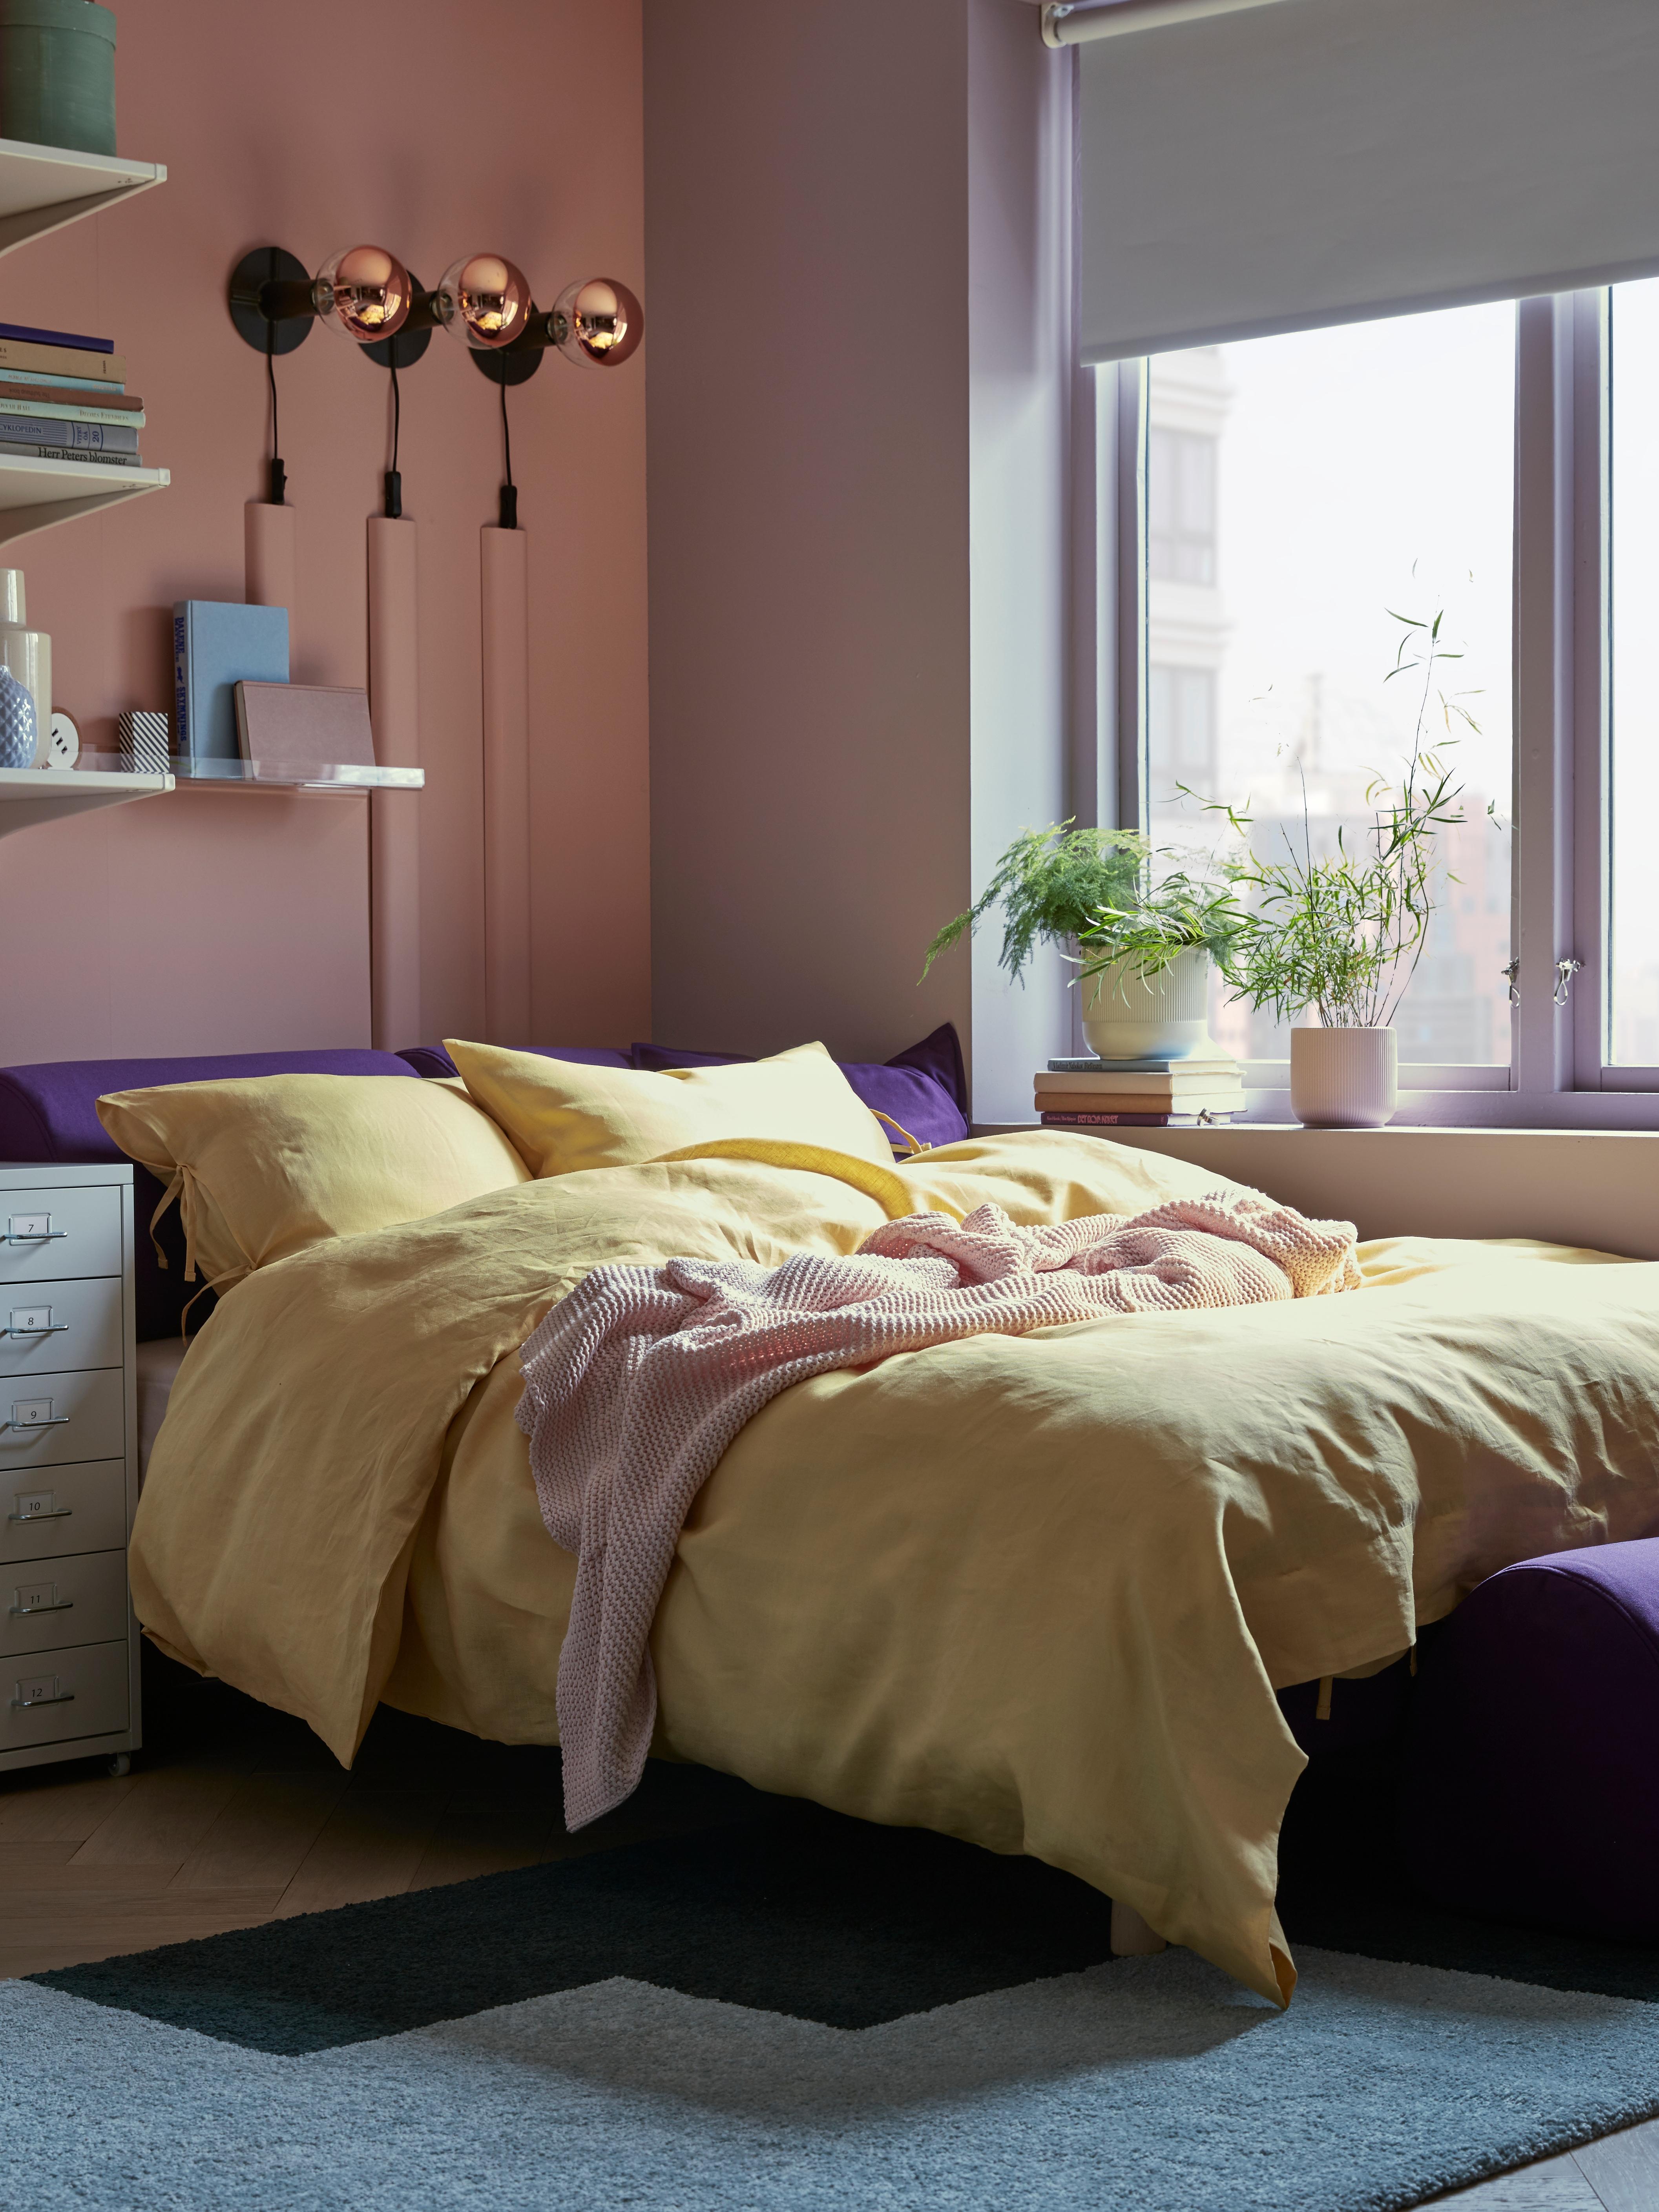 Pellavaiset PUDERVIVA-pussilakana ja -tyynyliinat violetilla vuodesohvalla vaaleanpunaisessa huoneessa ikkunan vieressä.